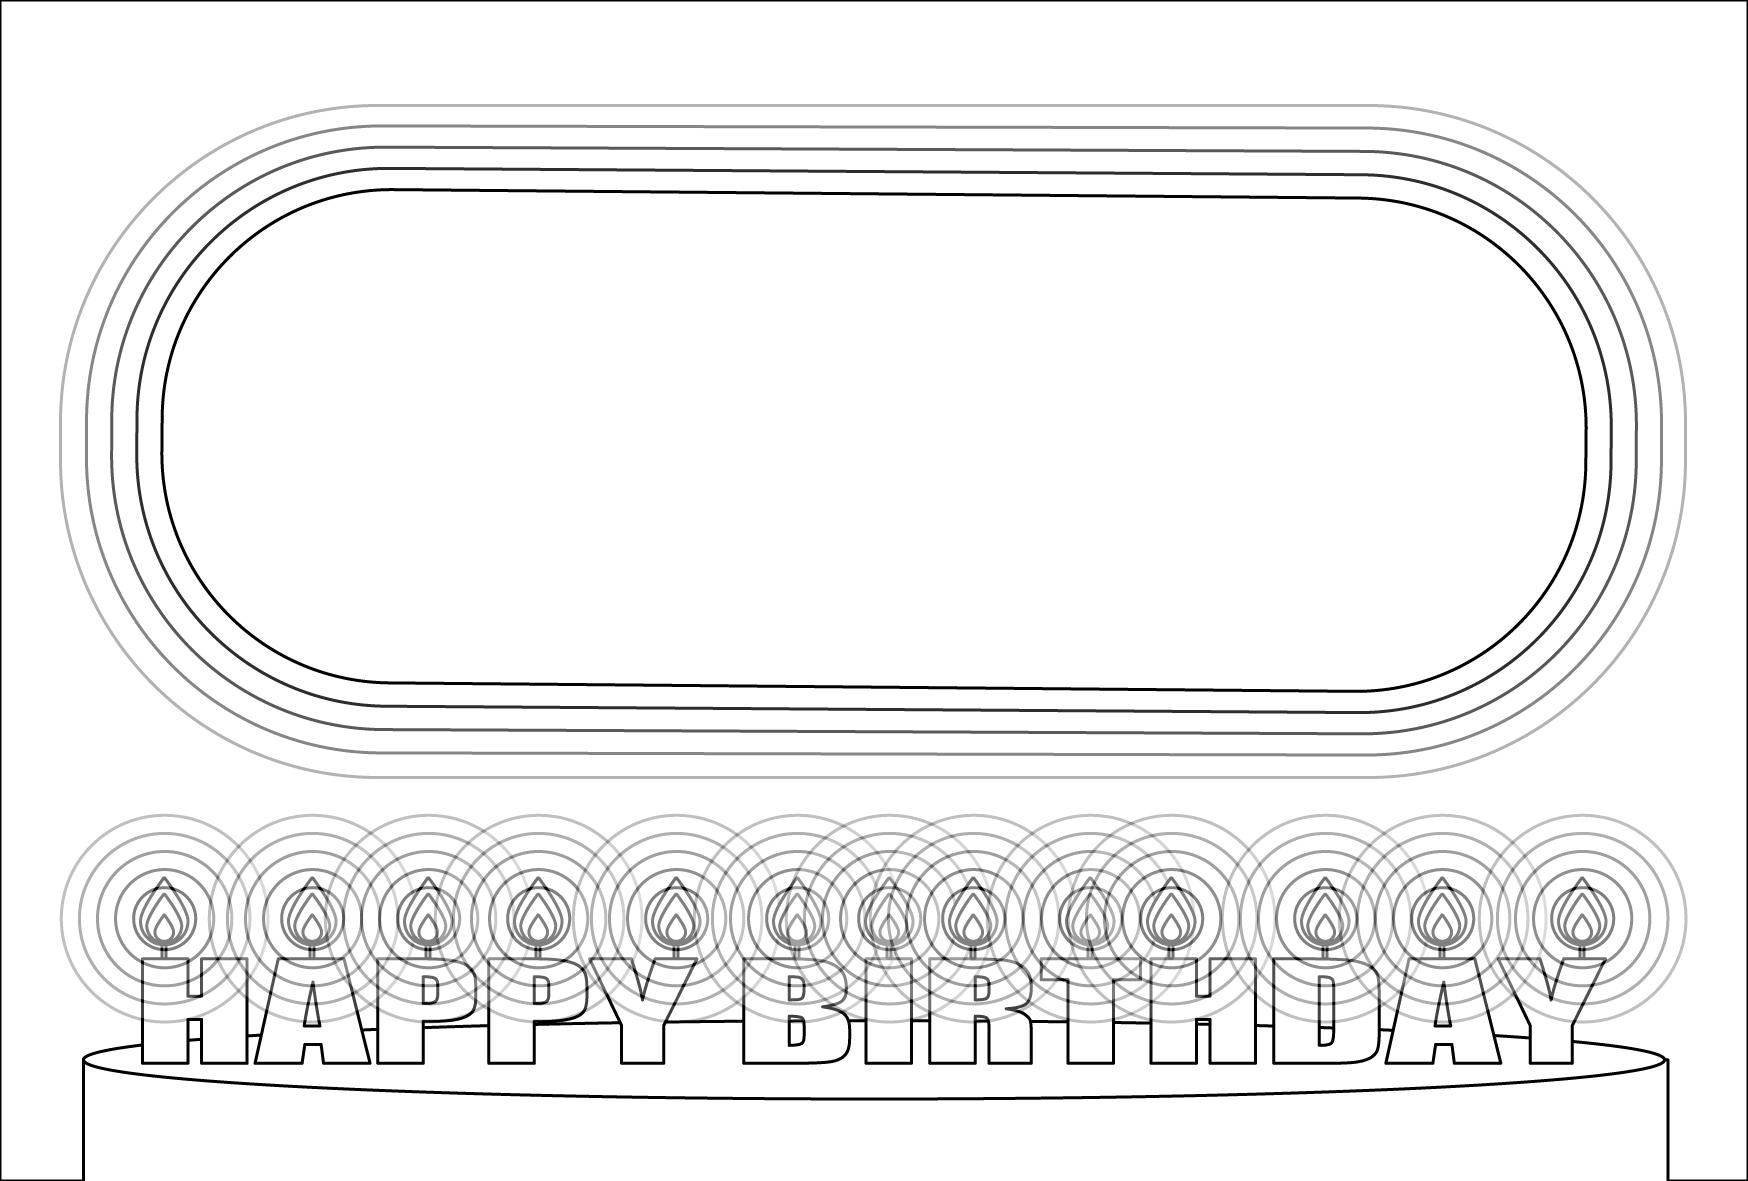 塗り絵に最適な白黒でかわいい誕生日(バースデー)メッセージカード3の無料イラスト・商用フリー